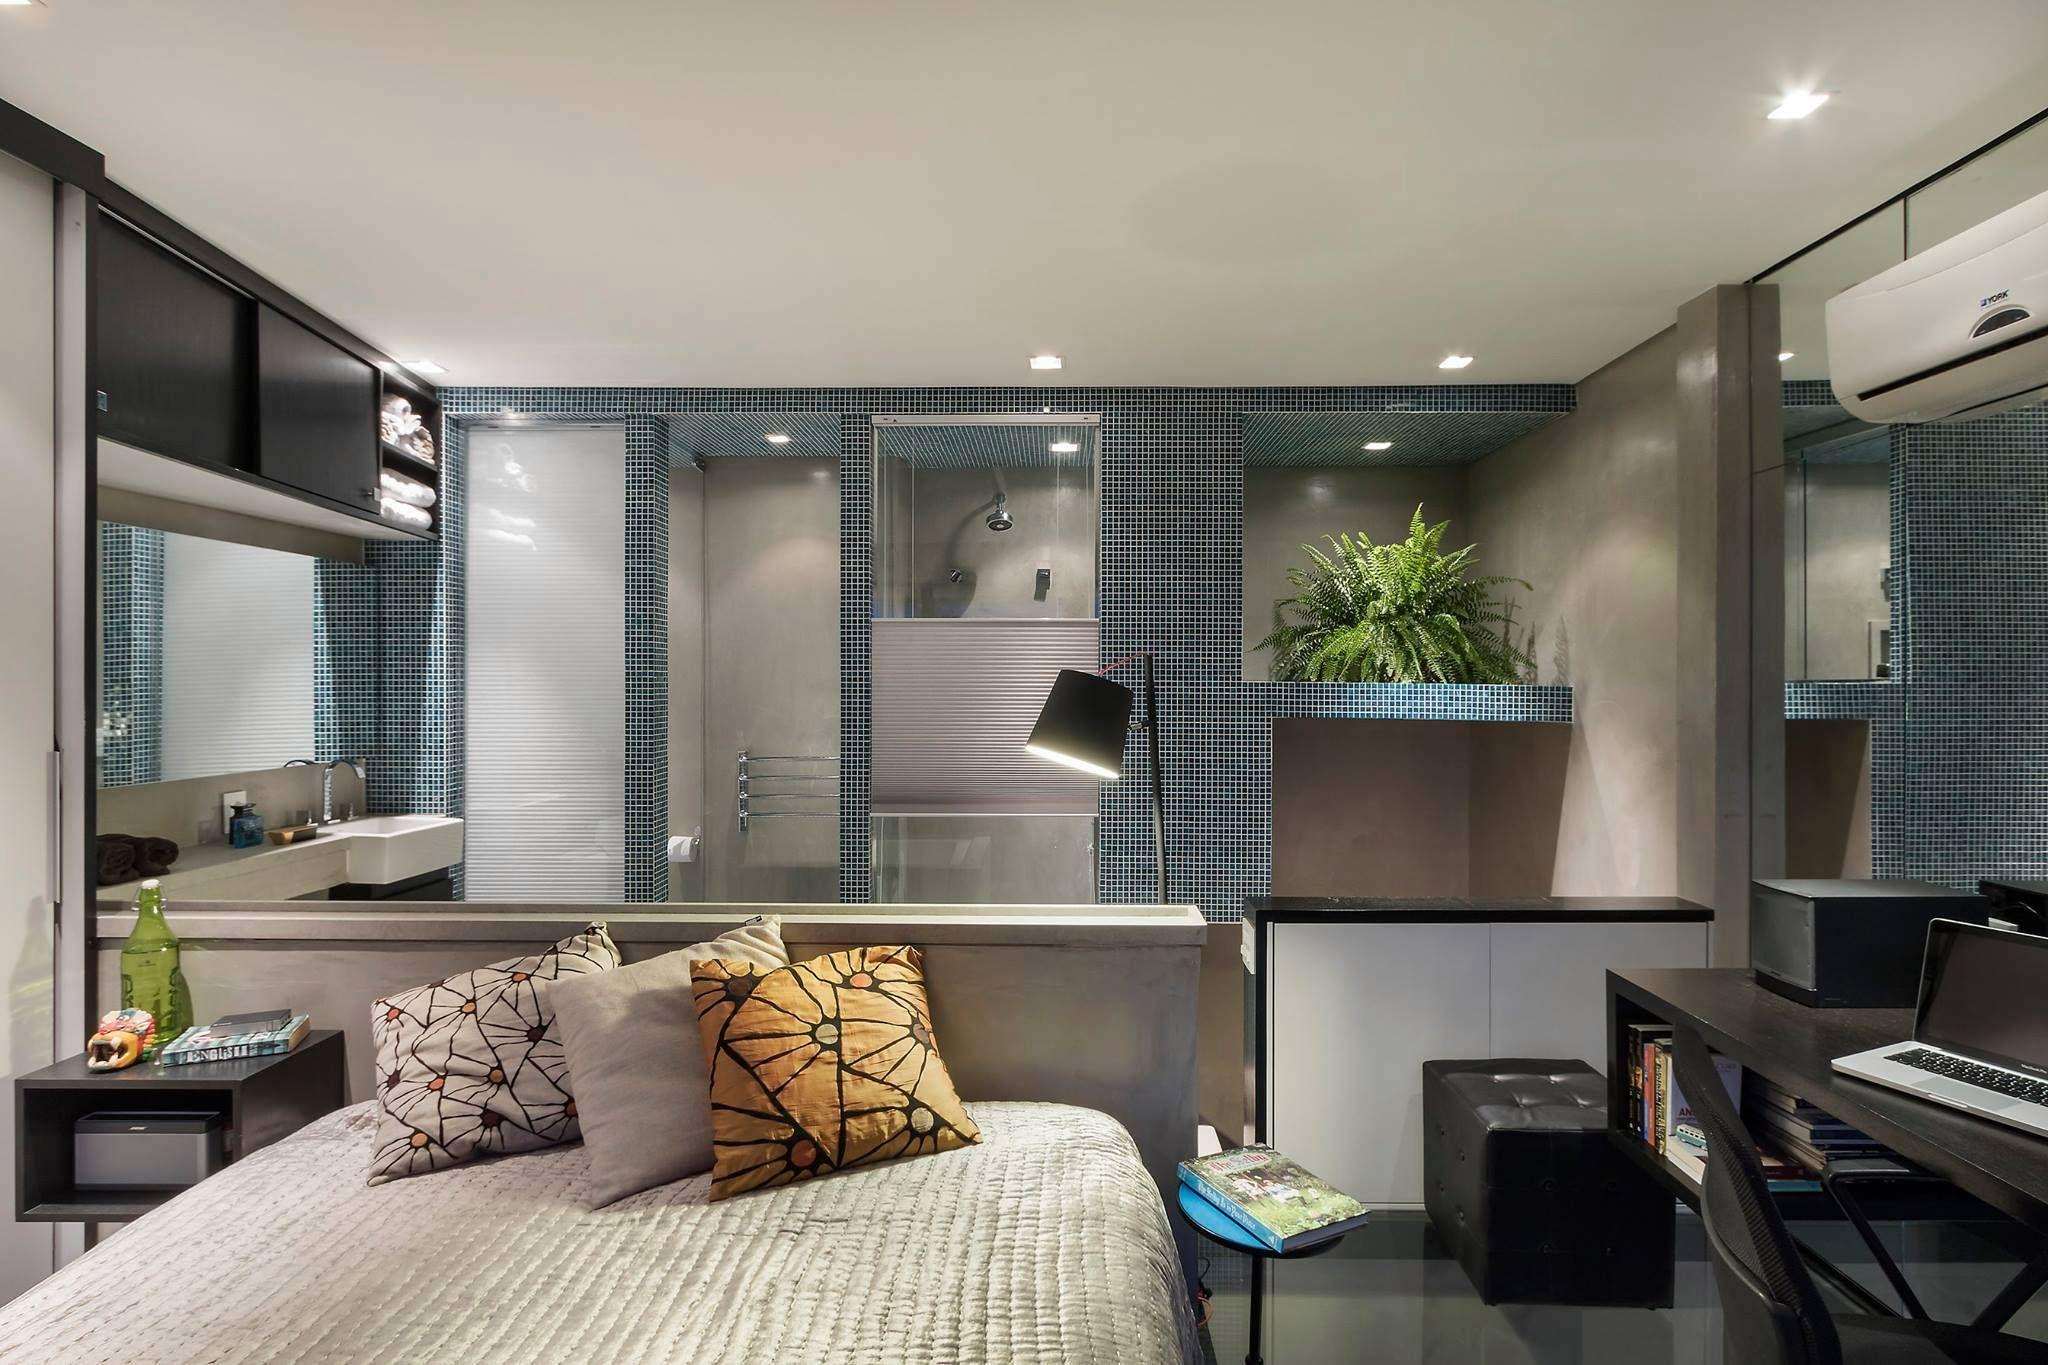 Integração de espaços e cores urbanas marcam loft dúplex de 40 m².